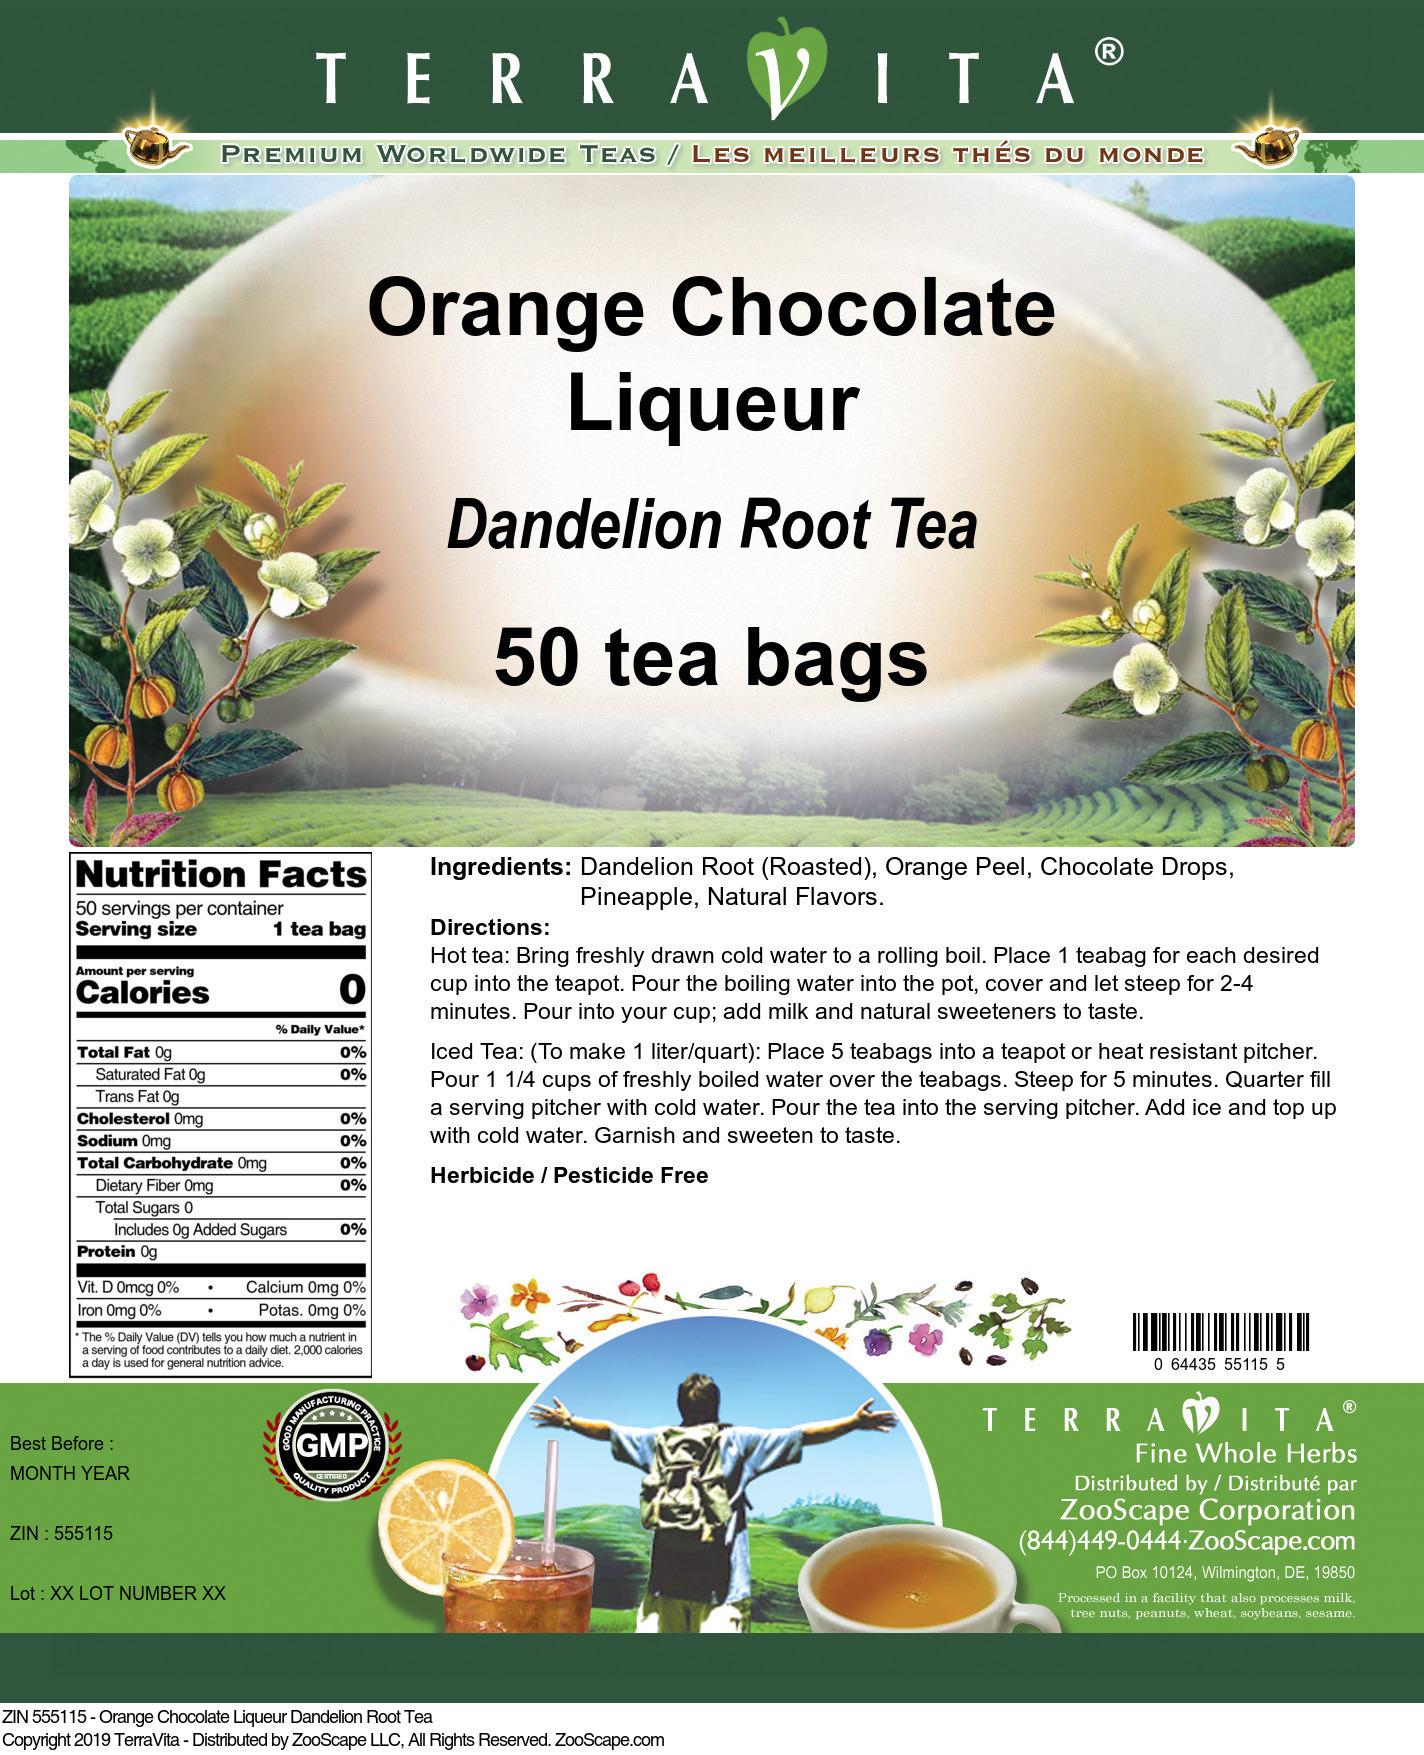 Orange Chocolate Liqueur Dandelion Root Tea